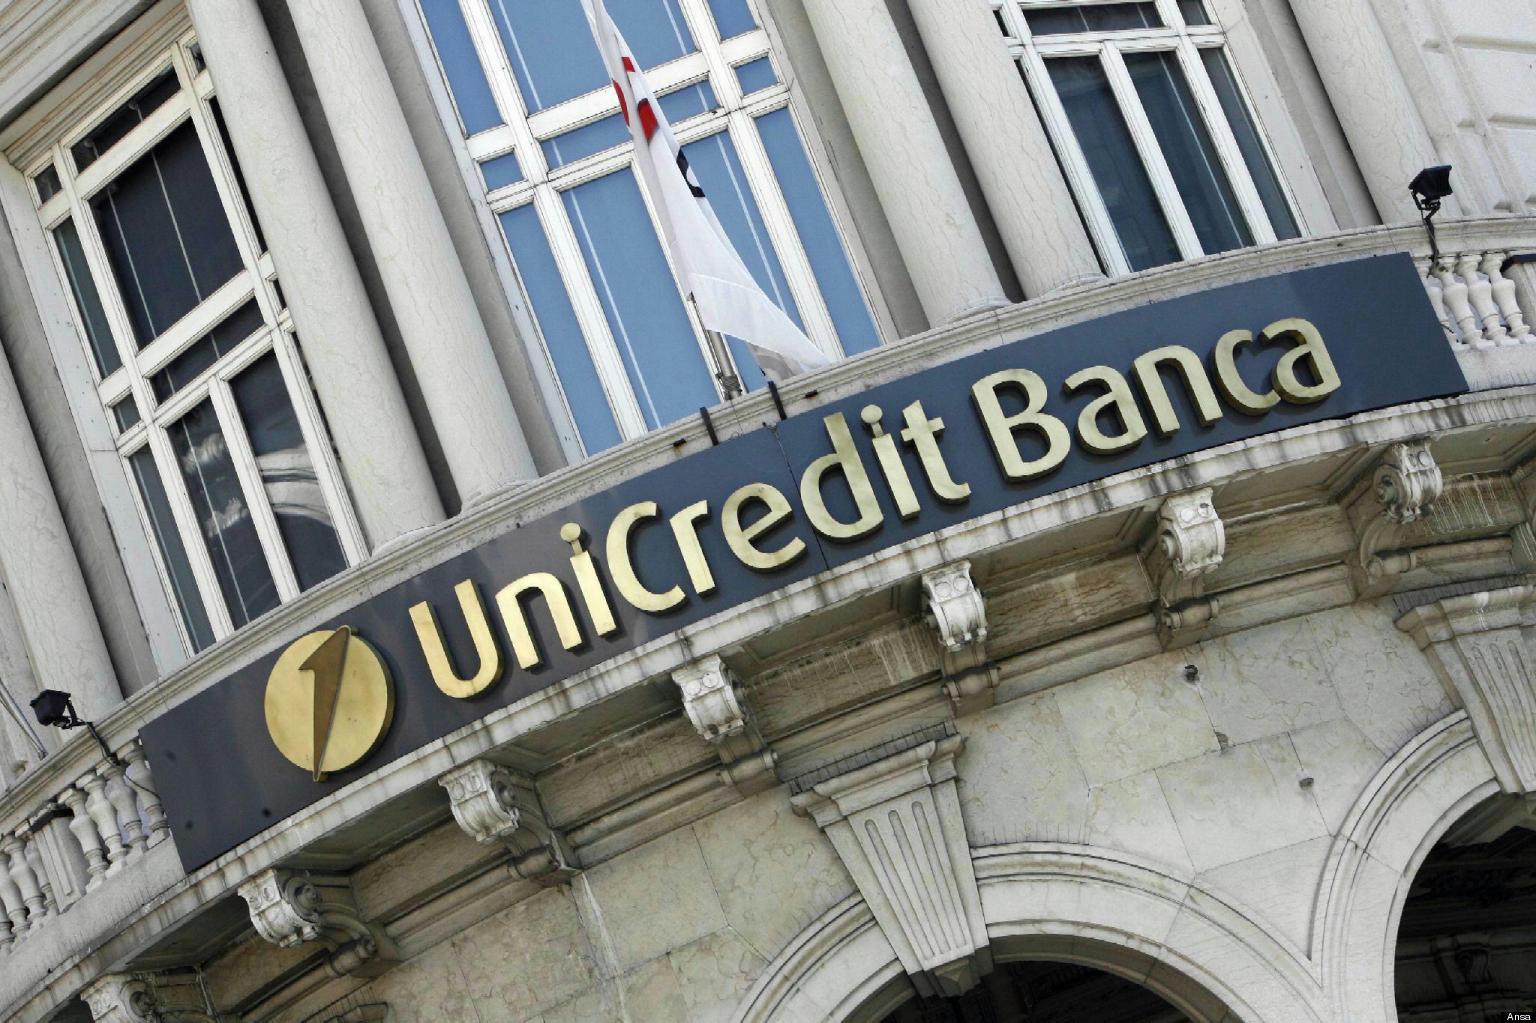 Conto deposito unicredit vincolato conviene aprirlo for Deposito bilancio 2017 scadenza